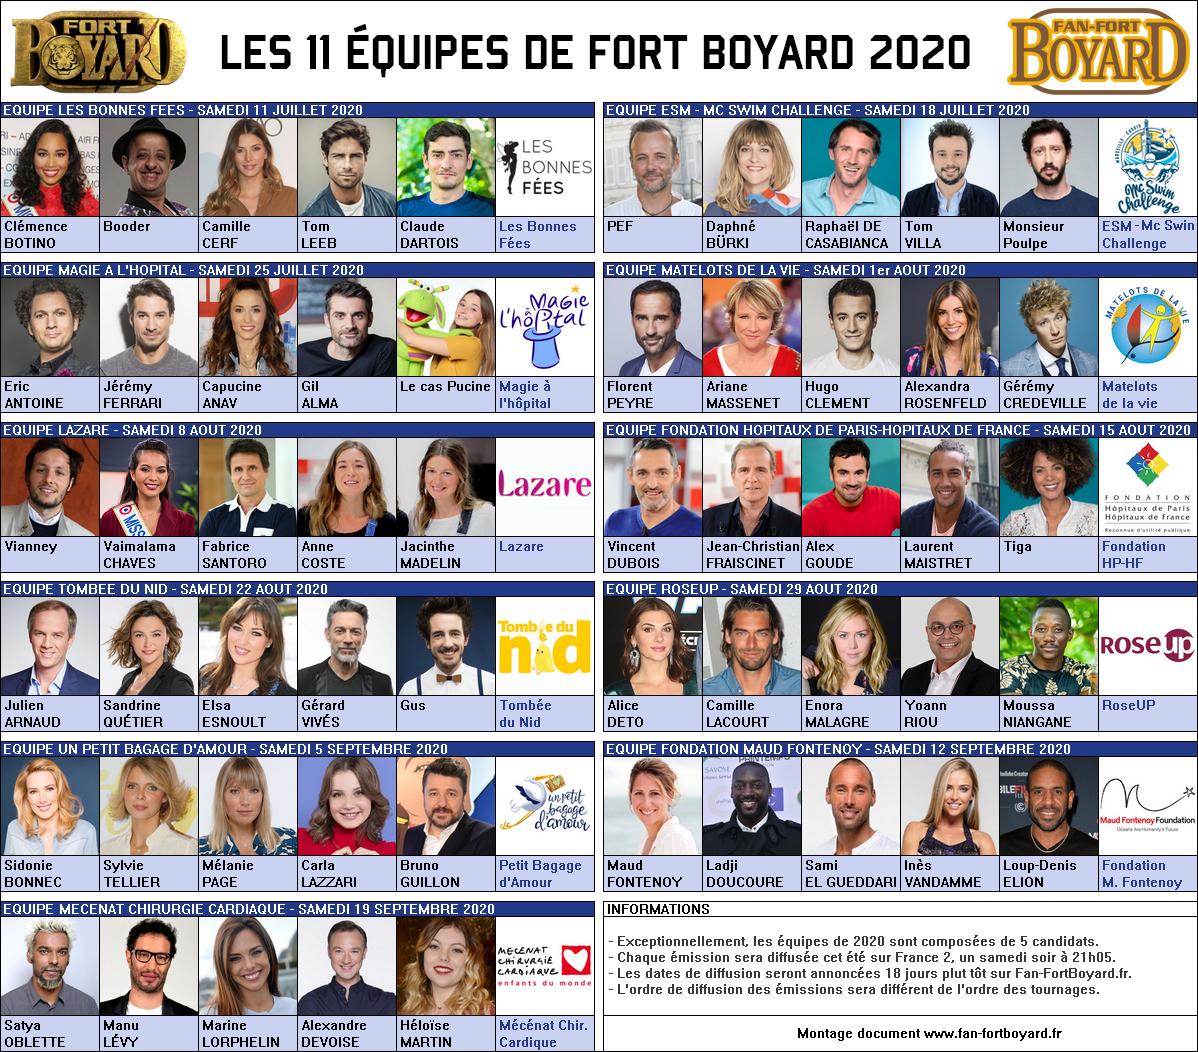 Fort Boyard 2020 - Les 11 équipes de la 31e saison